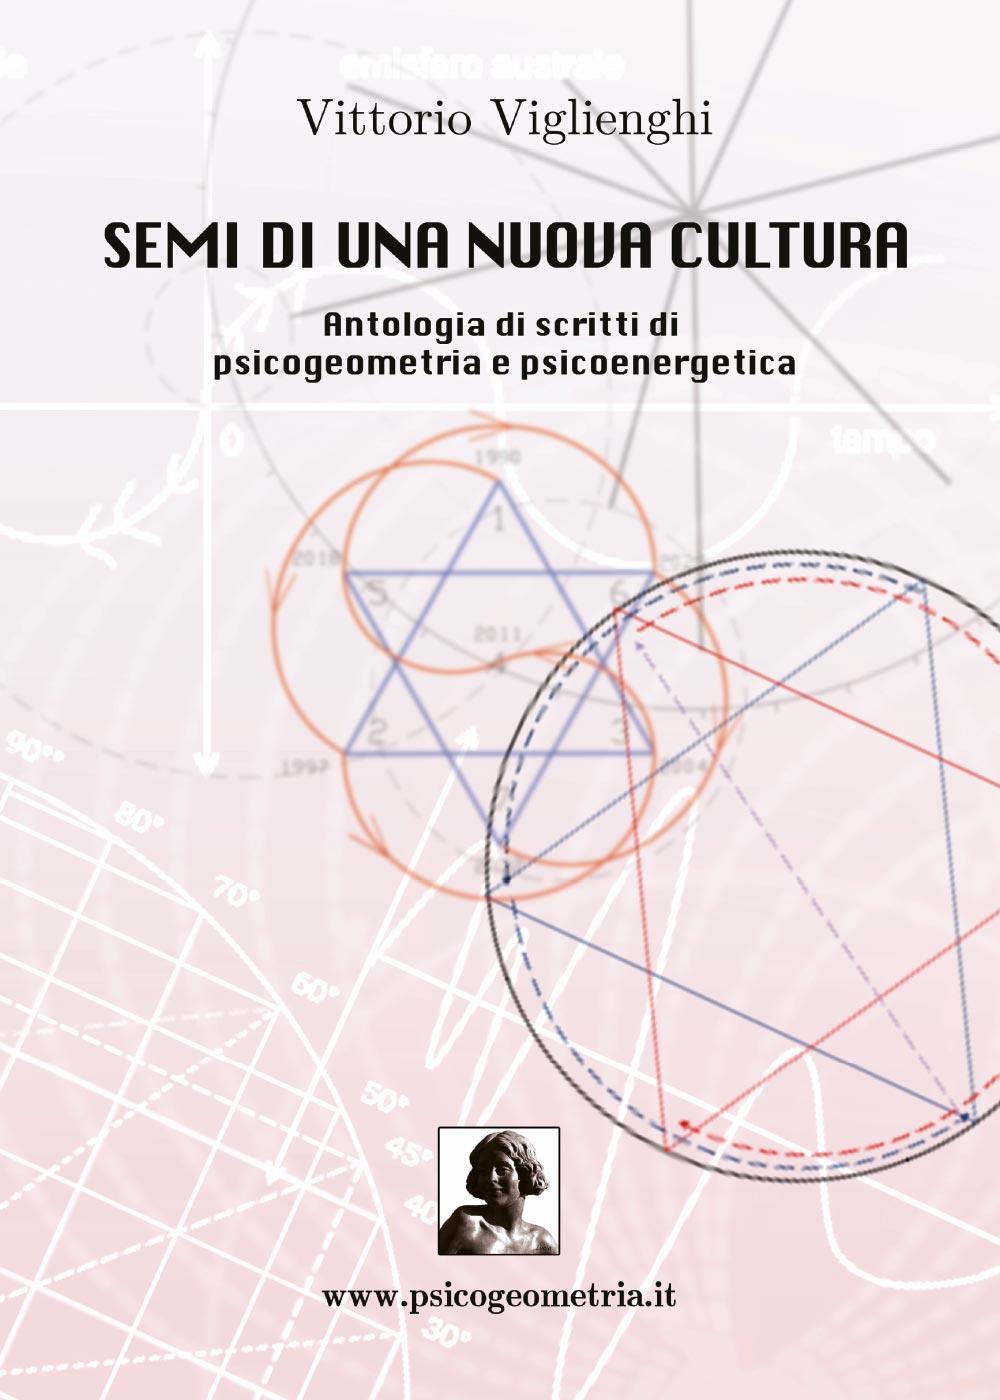 Semi di una nuova cultura